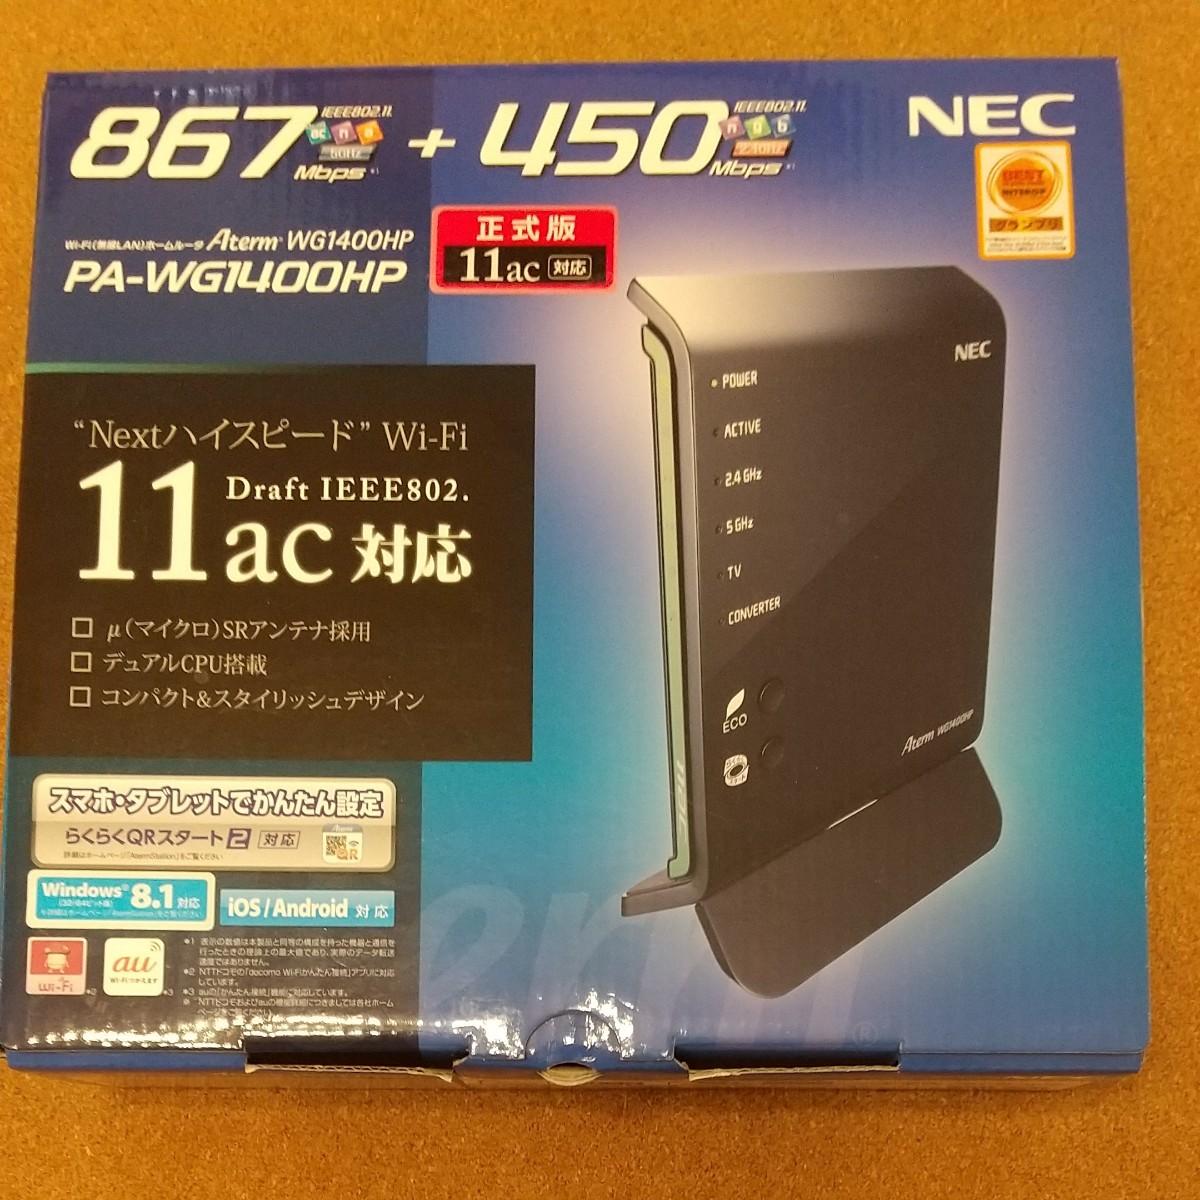 無線LANルーター NEC Aterm PA-WG1400HP